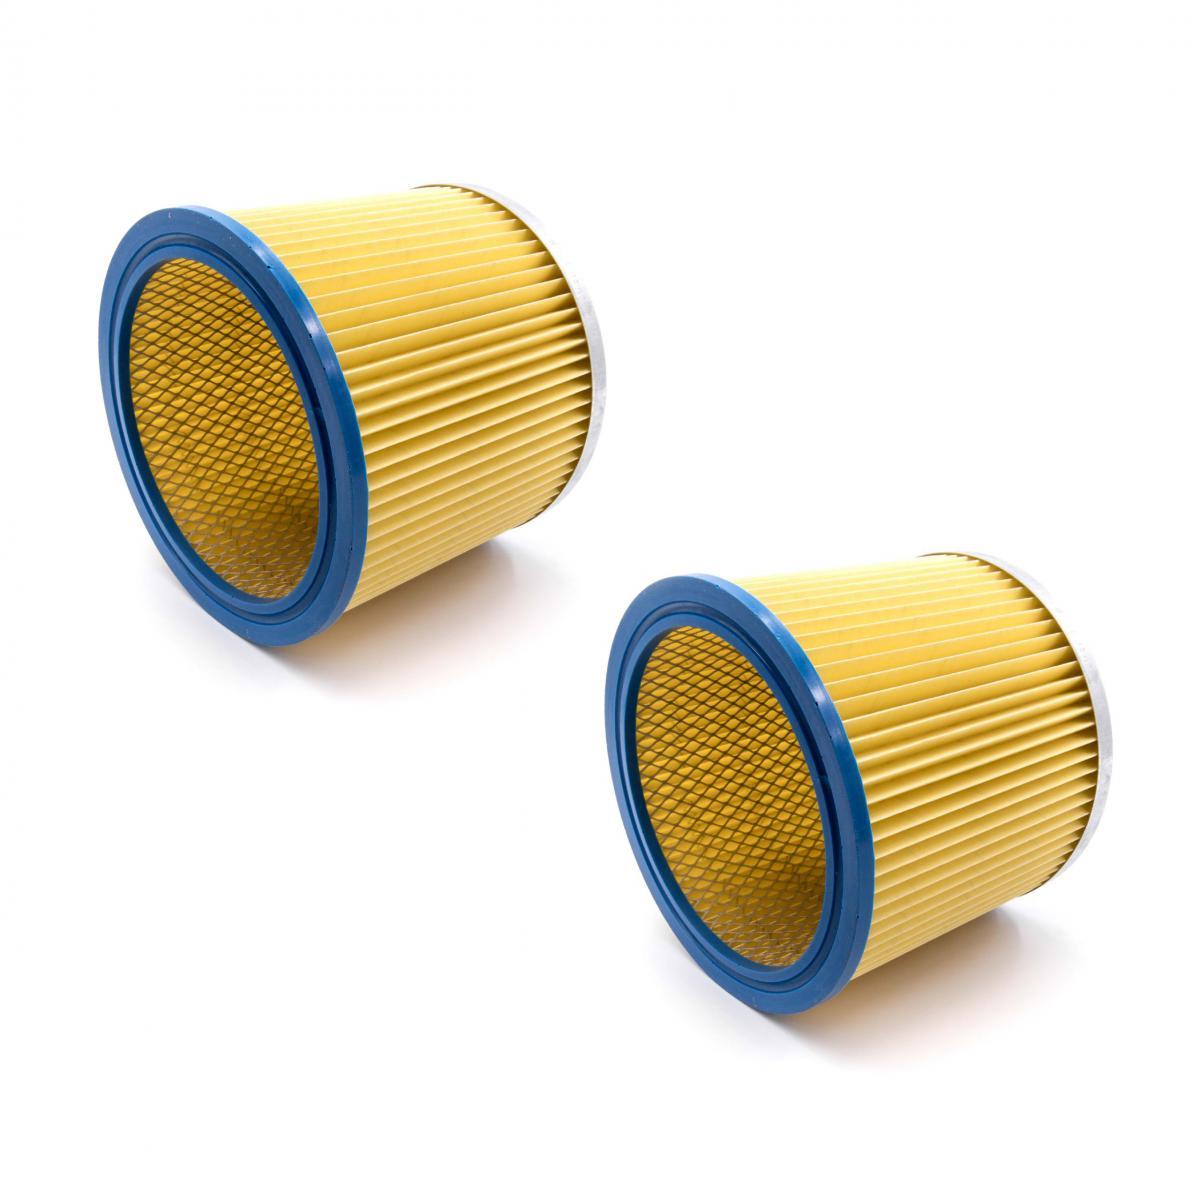 Vhbw vhbw 2x fitre rond/filtre à lamelles compatible avec Aqua Vac Gusty 30/50, Super 22, Industrial 30, Industrial 35, Indus